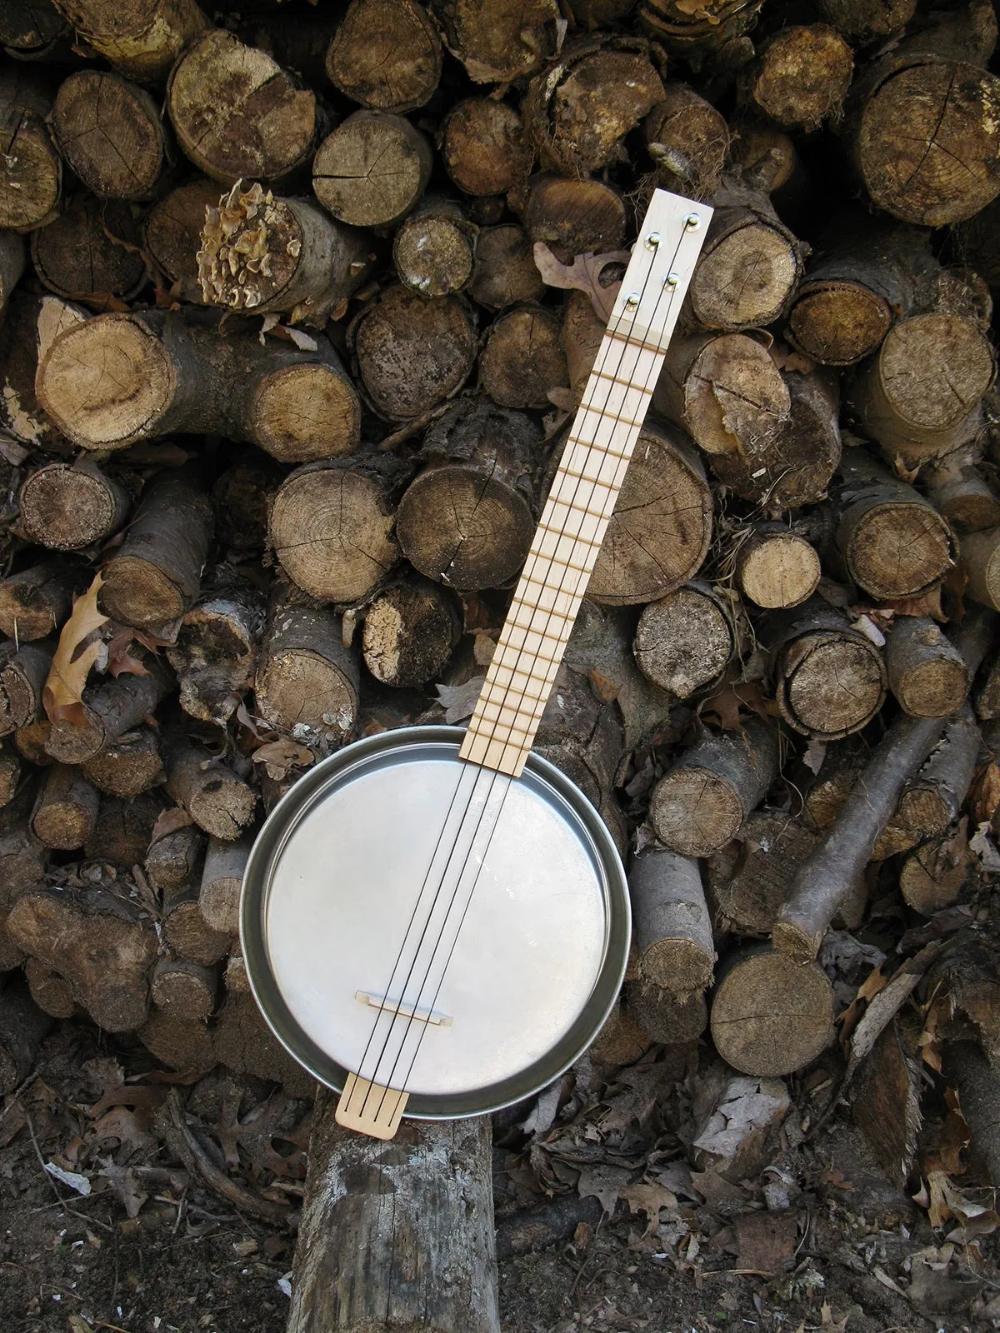 The Panjolele Cake Pan Ukulele | Make: #musicalinstruments